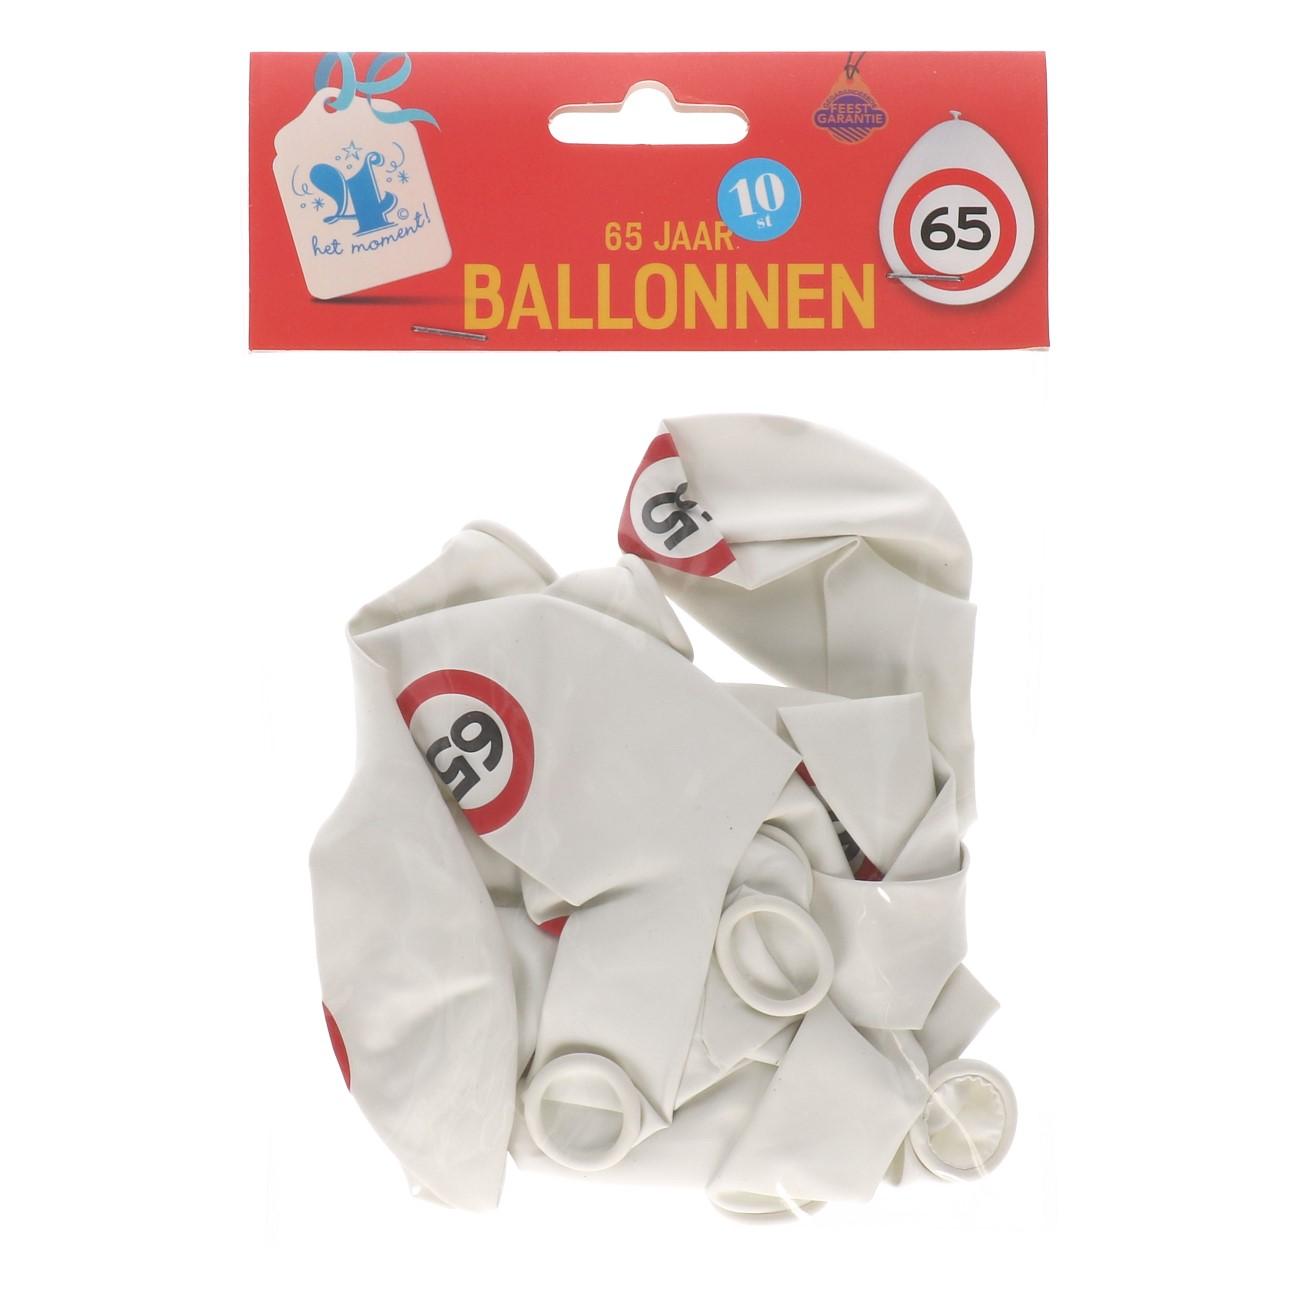 Ballonnen 65 jaar 10 stuks verkeersbord